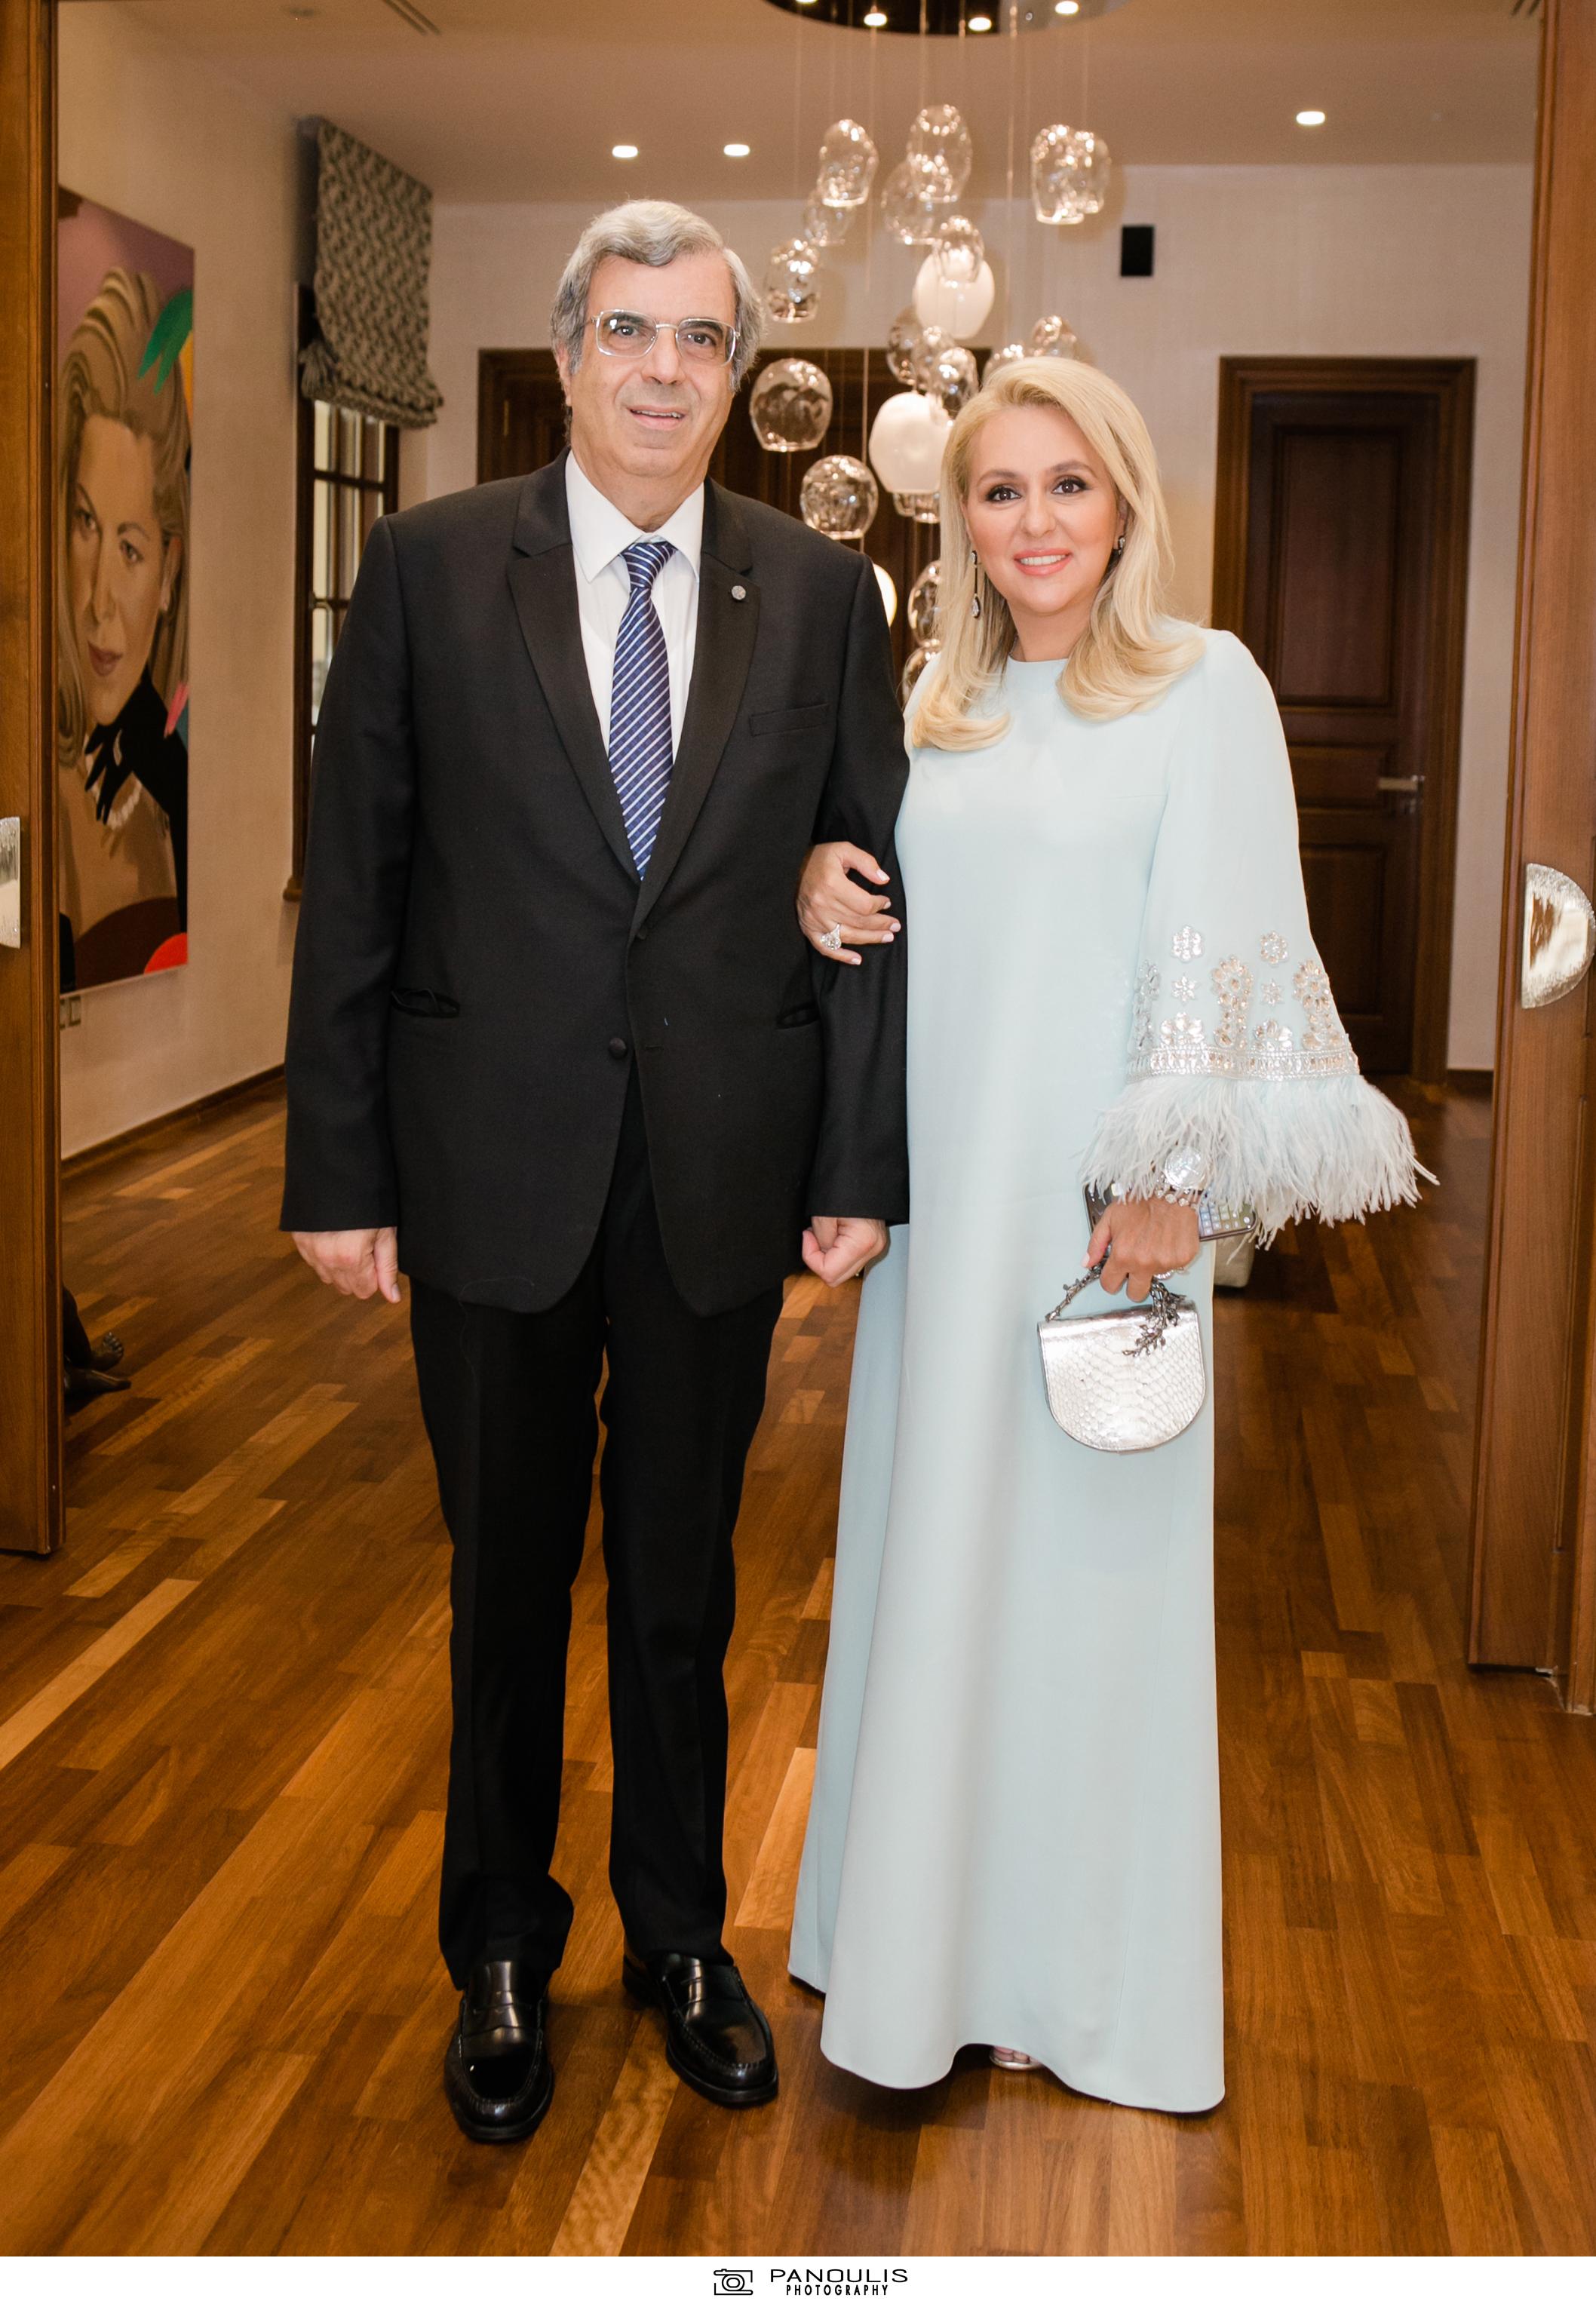 Κλέλια Χατζηιωάννου & Κωνσταντίνος Σκορίλας: Ένας υπέροχος γάμος με λαμπερούς καλεσμένους 7